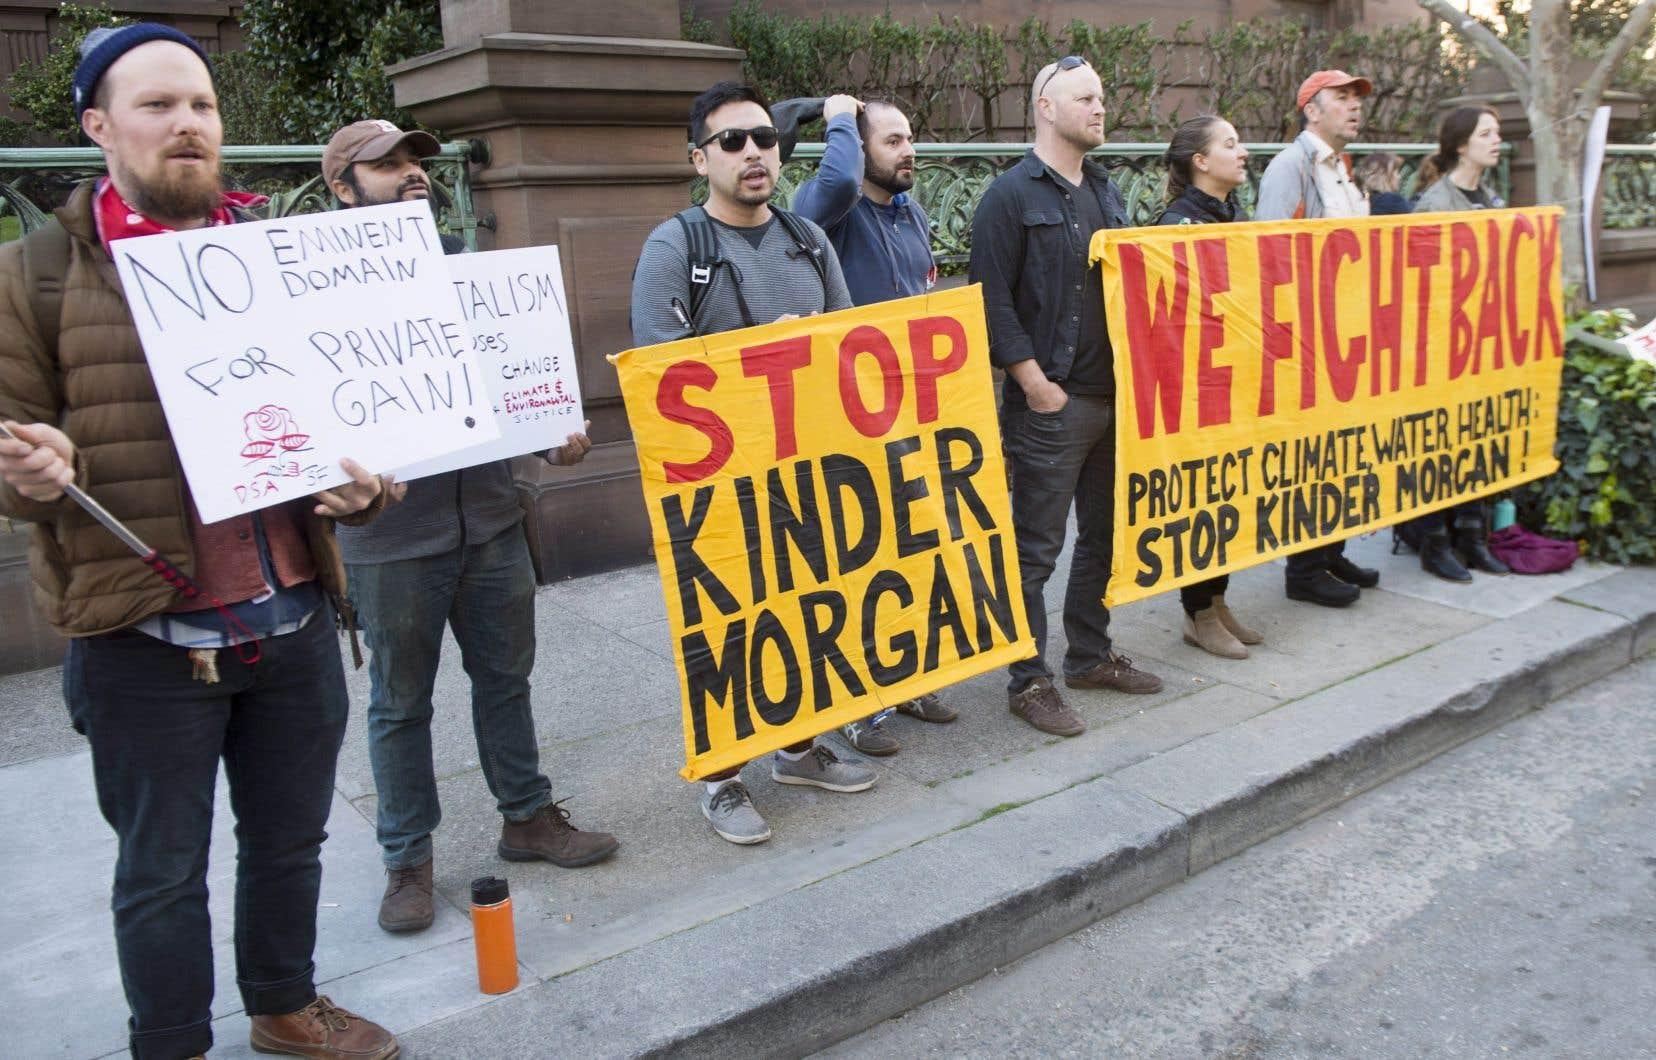 Au total, une douzaine de militants canadiens et américains ont brandi des pancartes sur lesquelles ils demandaient au premier ministre Justin Trudeau de changer sa décision sur le projet.